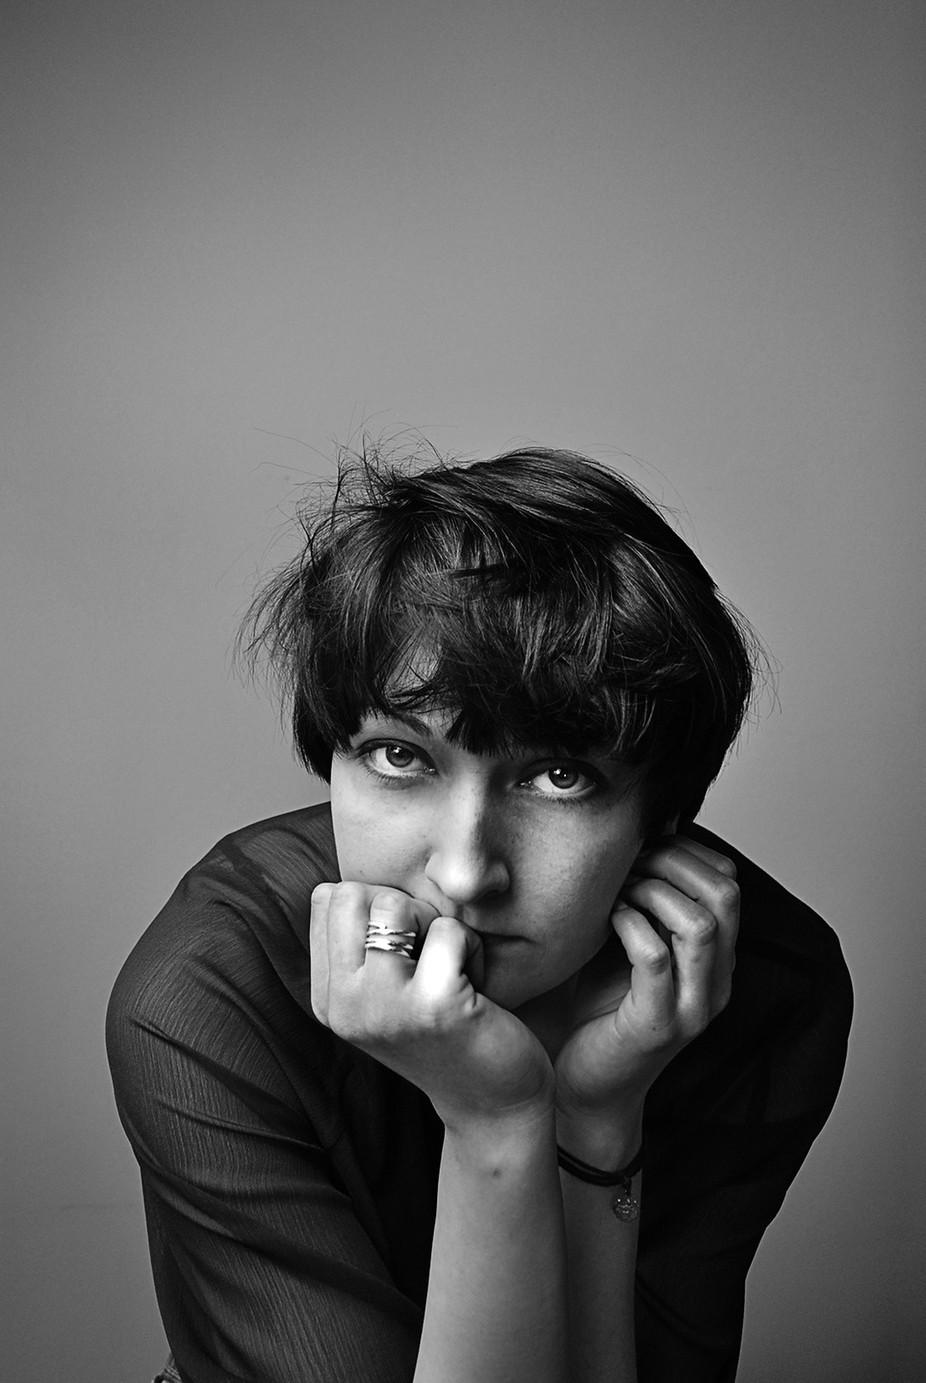 Karola by malvinette - Black And White Female Portraits Photo Contest